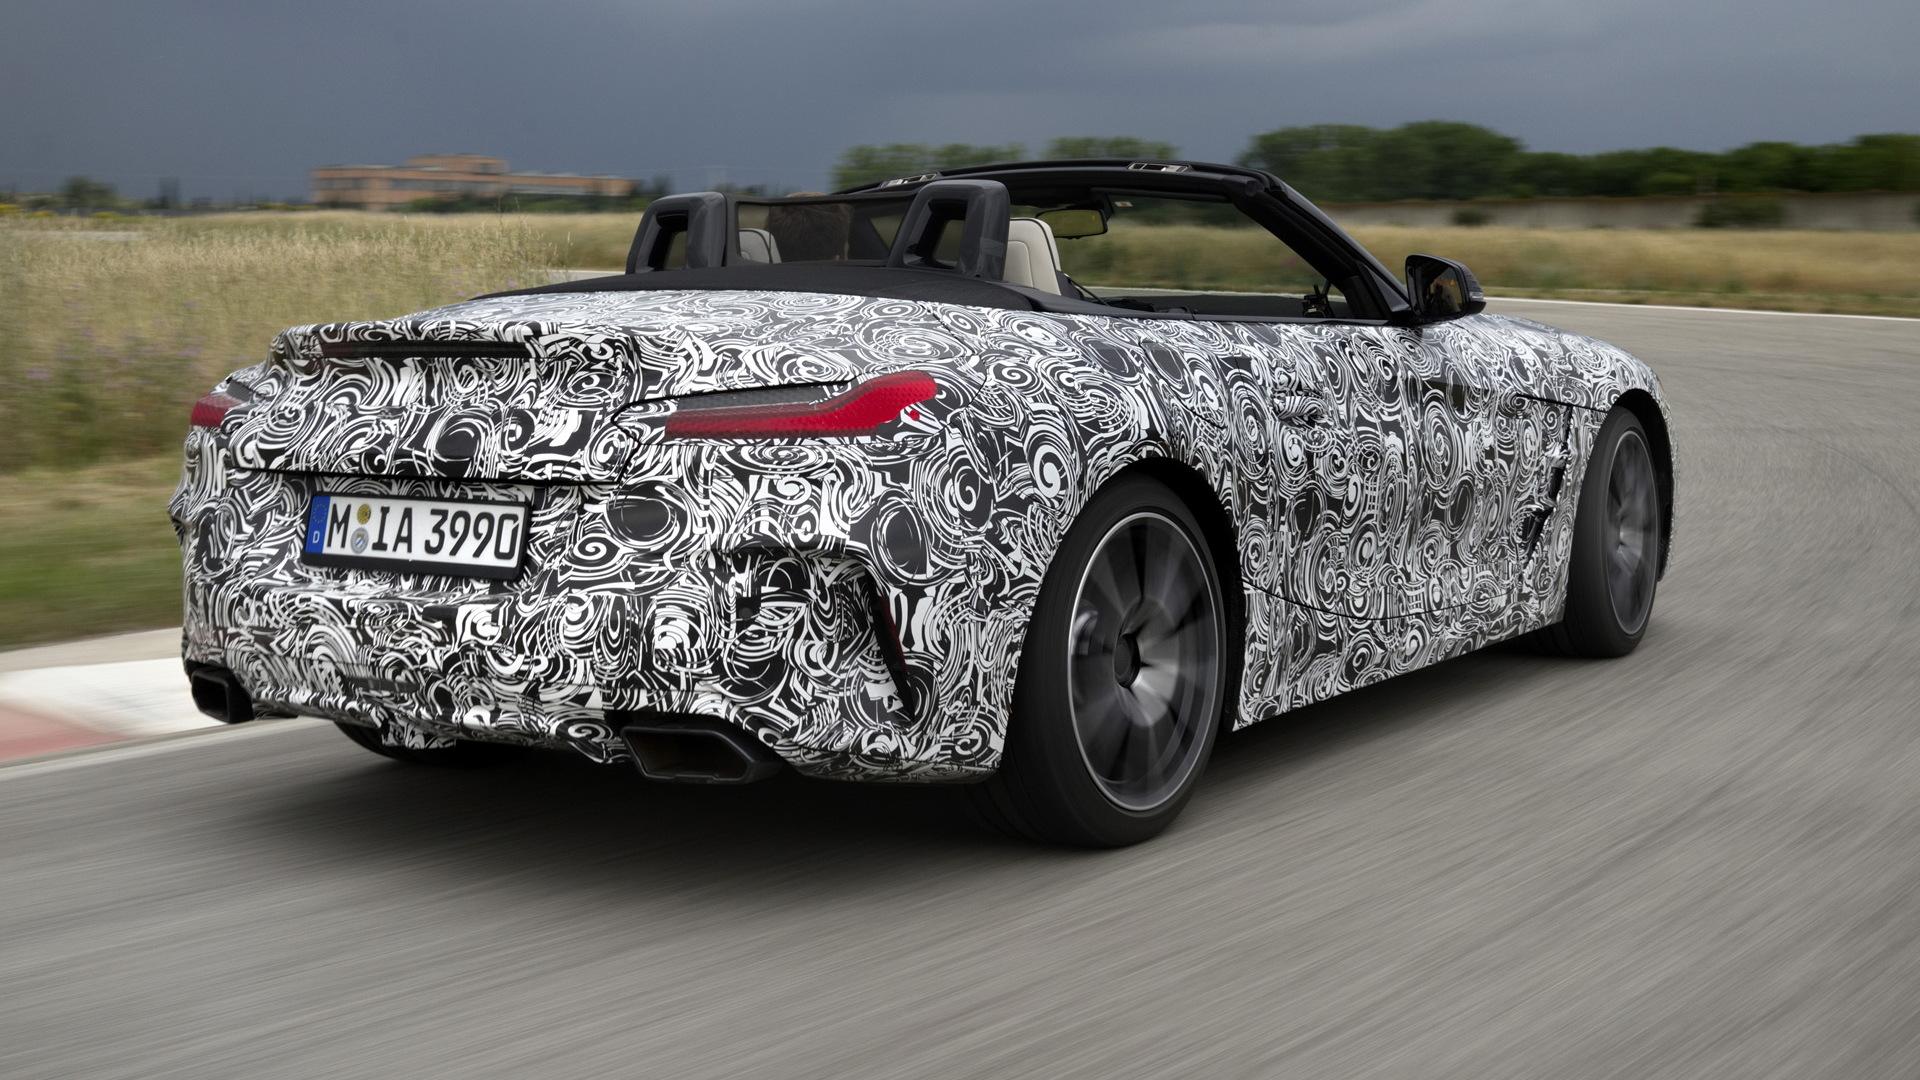 2019 BMW Z4 prototype (Z4 M40i)